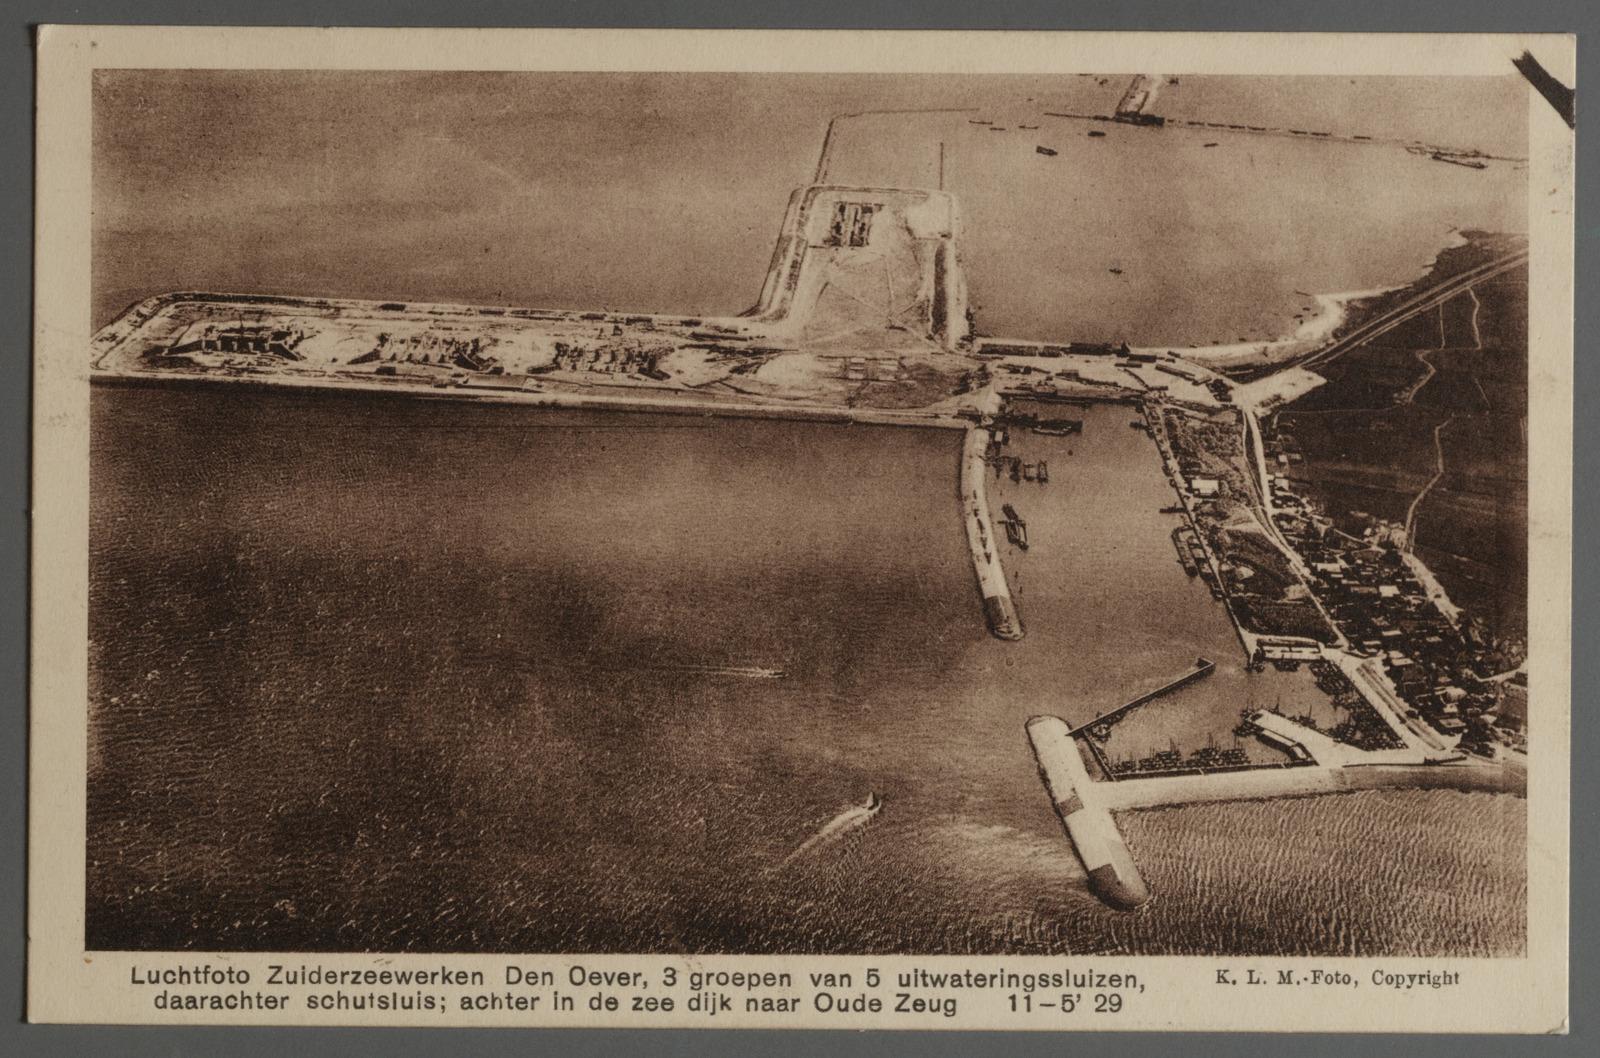 Luchtfoto Zuiderzeewerken. Den Oever 3 groepen van 5 uitwaretingssluizen, daarachter schutsluis; achter in de zee dijk naar Oude Zeug 11-5'29